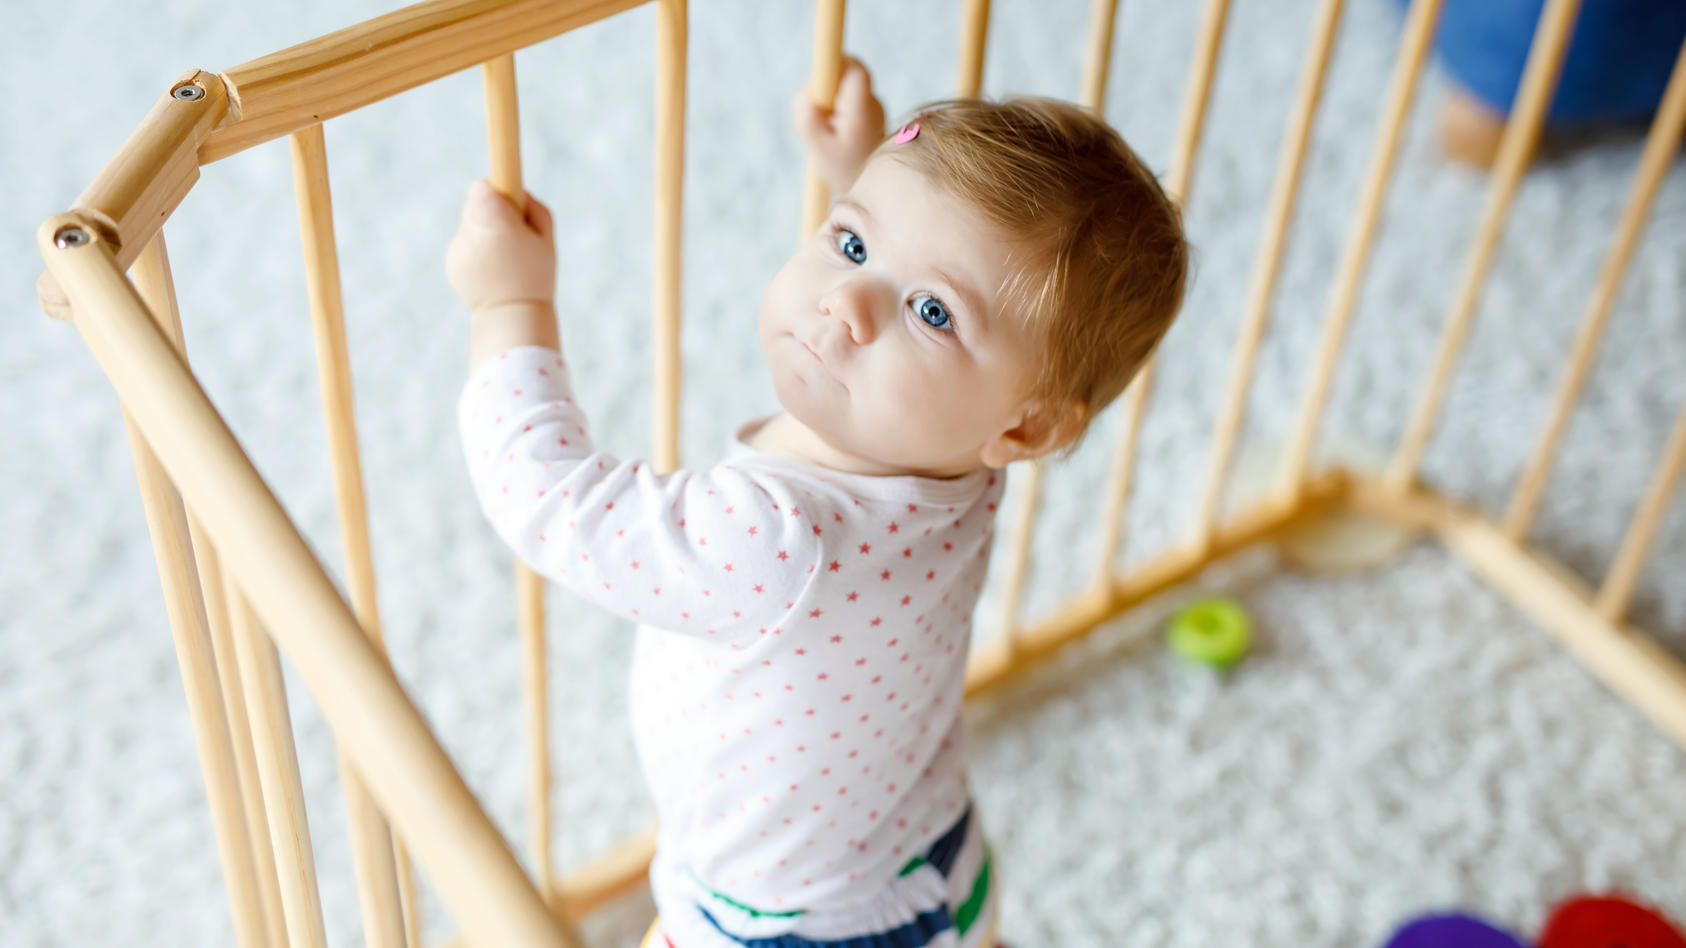 Ein Laufgitter oder Laufstall bietet dem Baby eine geschützte Umgebung, um überall sicher und gefahrlos spielen zu können. Welche Arten von Laufgittern es gibt und was Sie bei der Auswahl und dem Kauf eines Laufgitters beachten sollten, erfahren Sie hier.